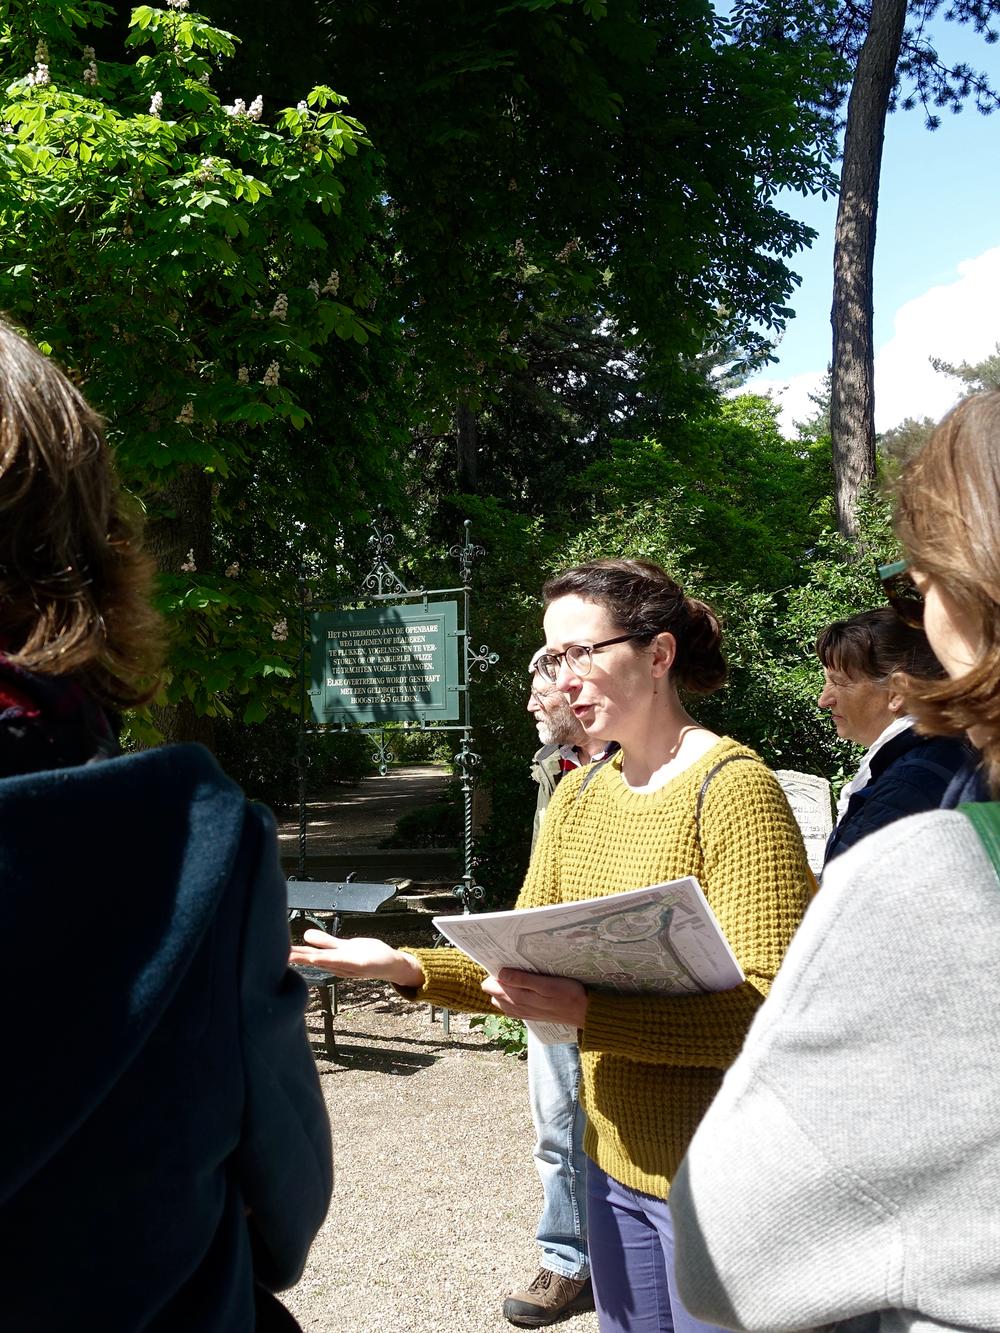 Uitnodiging - Een à twee keer per jaar geef ik tuinrondleidingen op de Utrechtse begraafplaatsen Kovelswade en Soestbergen. Houd de agenda van Stichting TrösT Utrecht in de gaten: www.trost.nl.